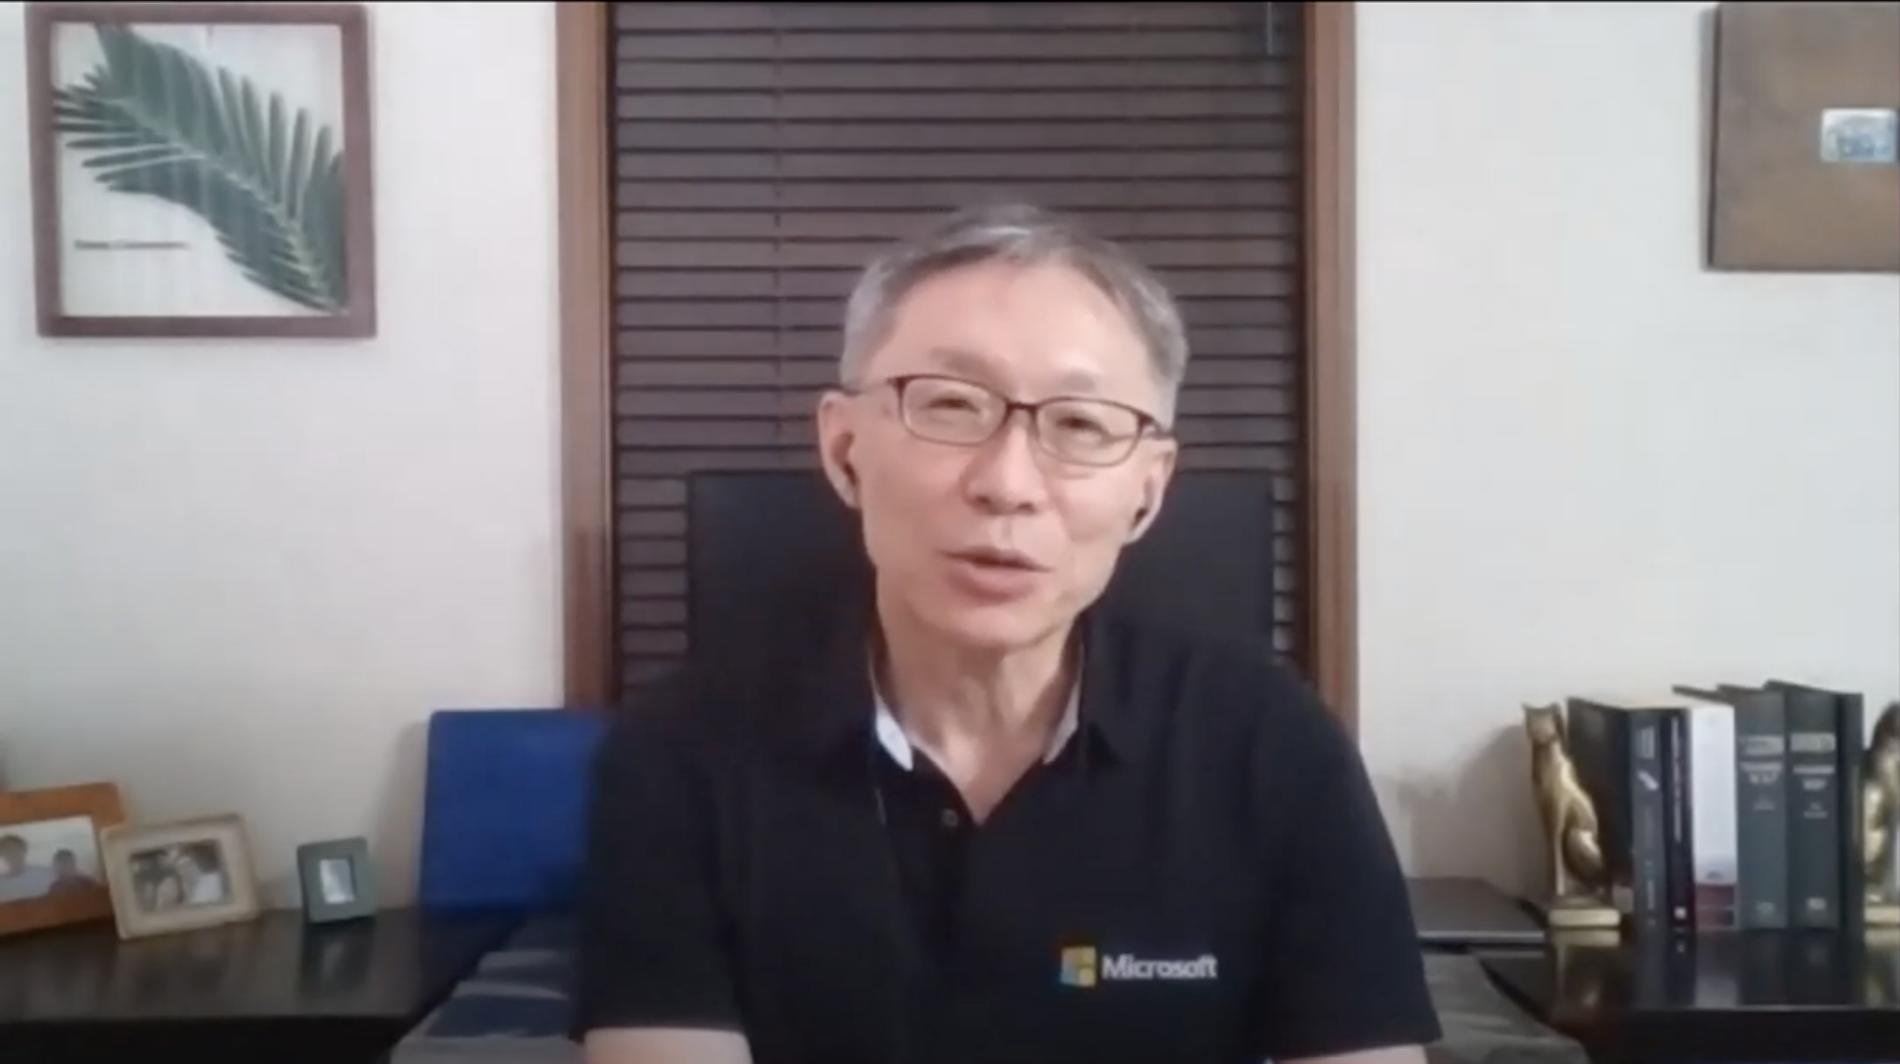 マイクロソフト 小柳津さん